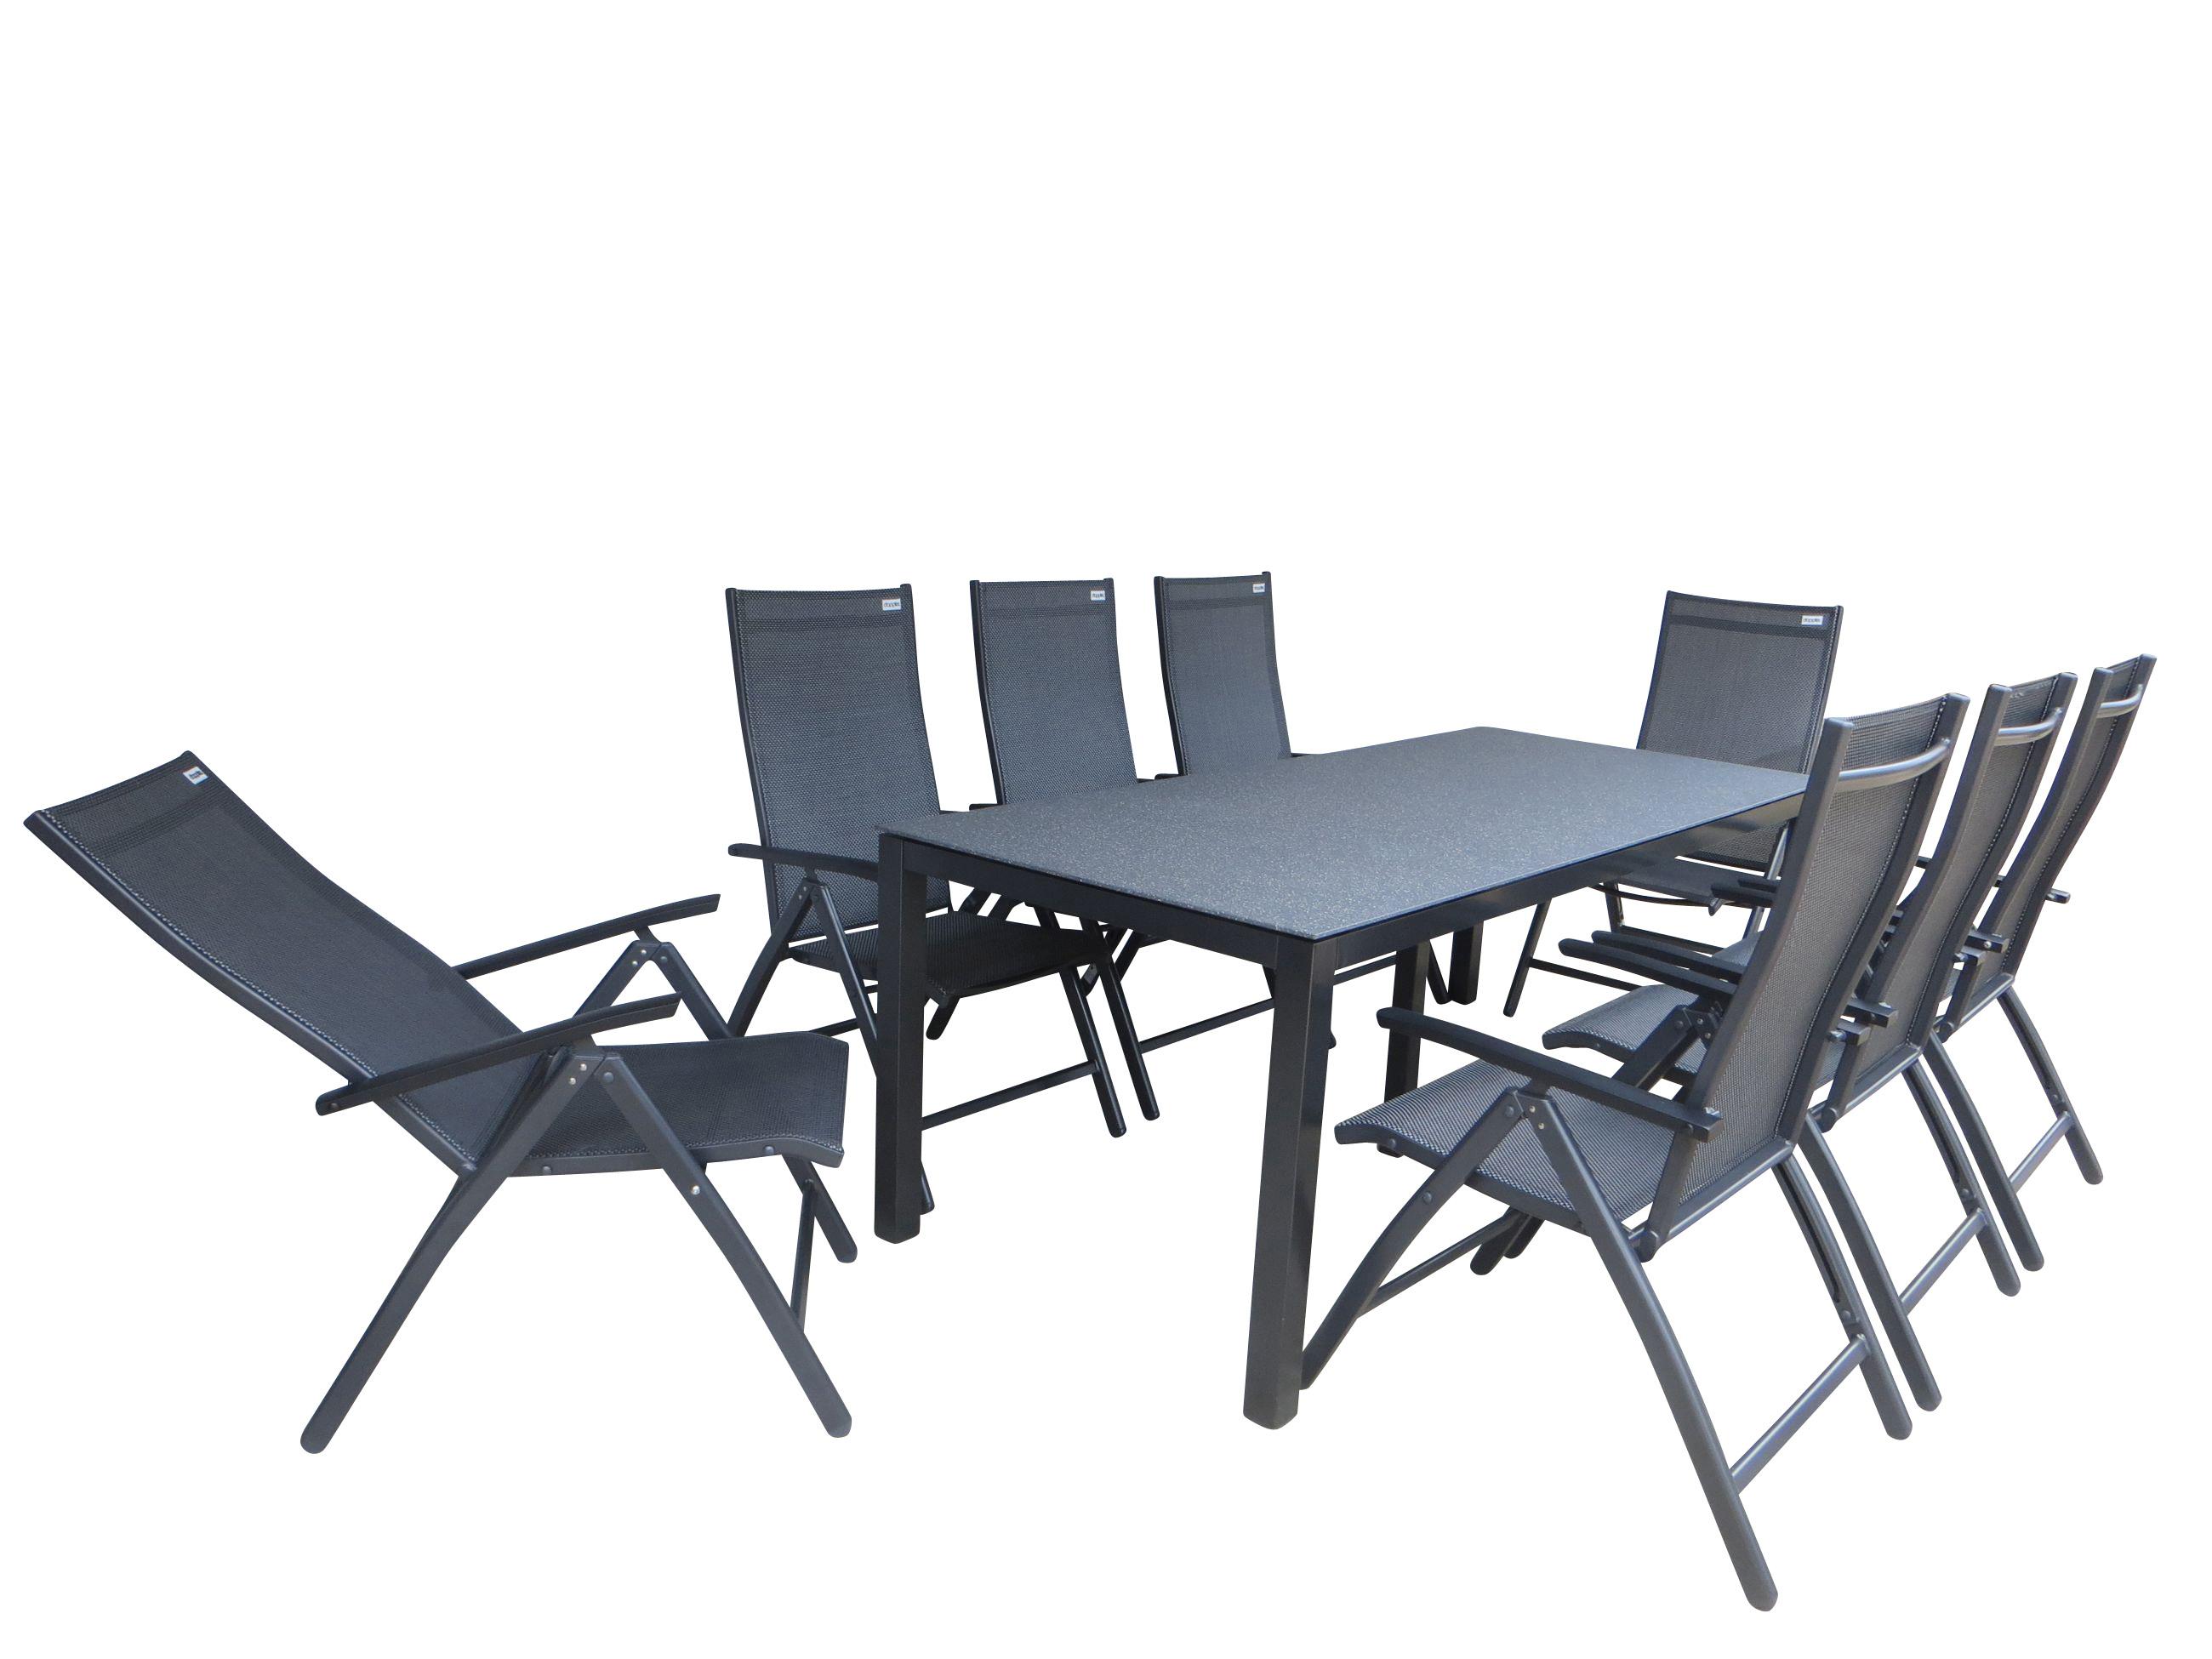 tumbes alu gartenm bel set sitzgarnitur 9 teilig. Black Bedroom Furniture Sets. Home Design Ideas